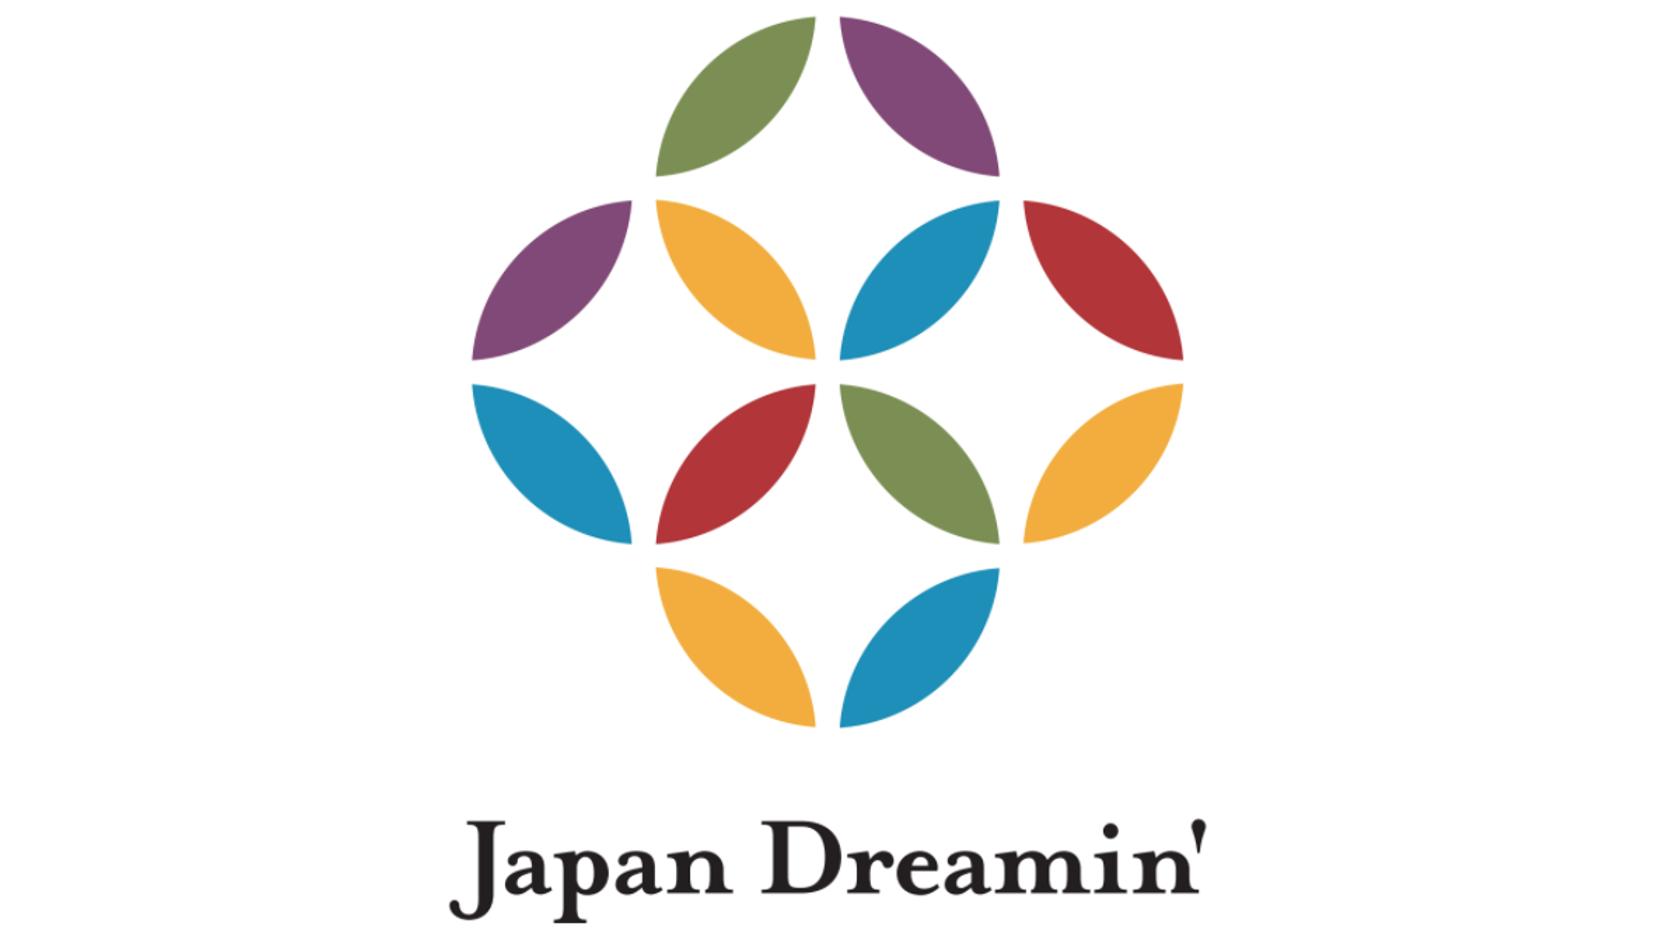 Japan Dreamin' 2021